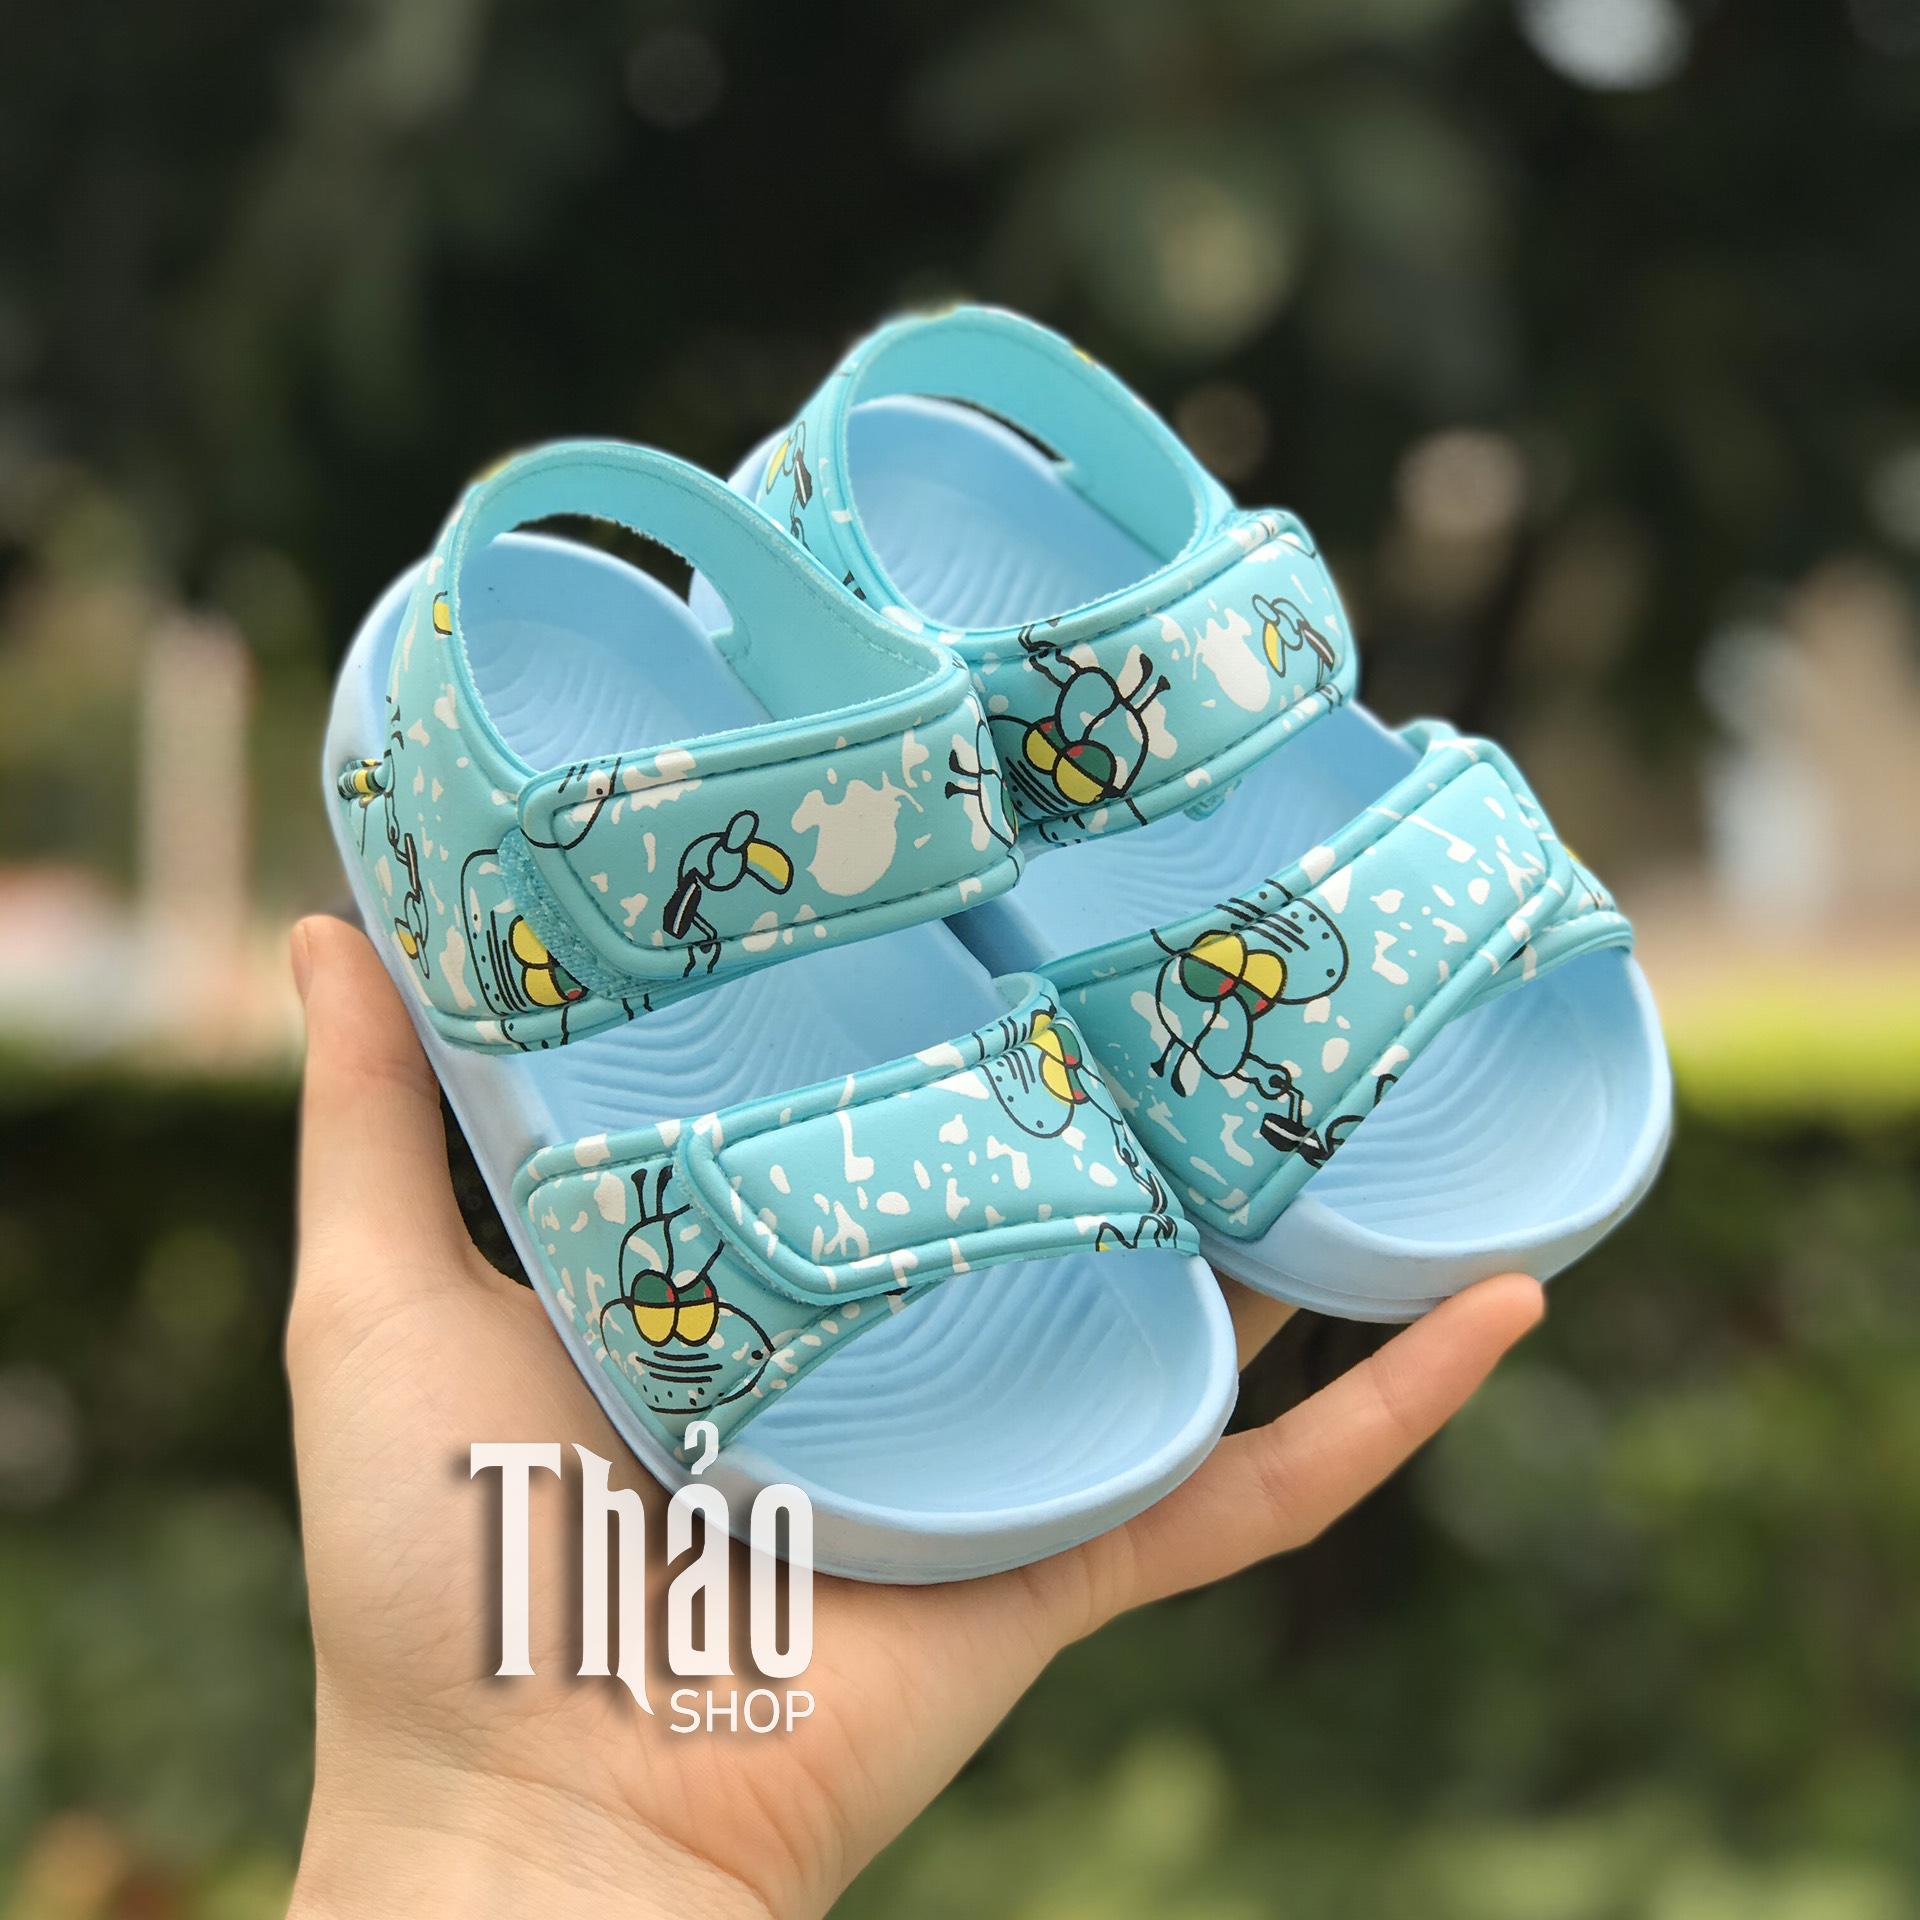 Dép sandal A16 bạch tuộc xanh cho bé